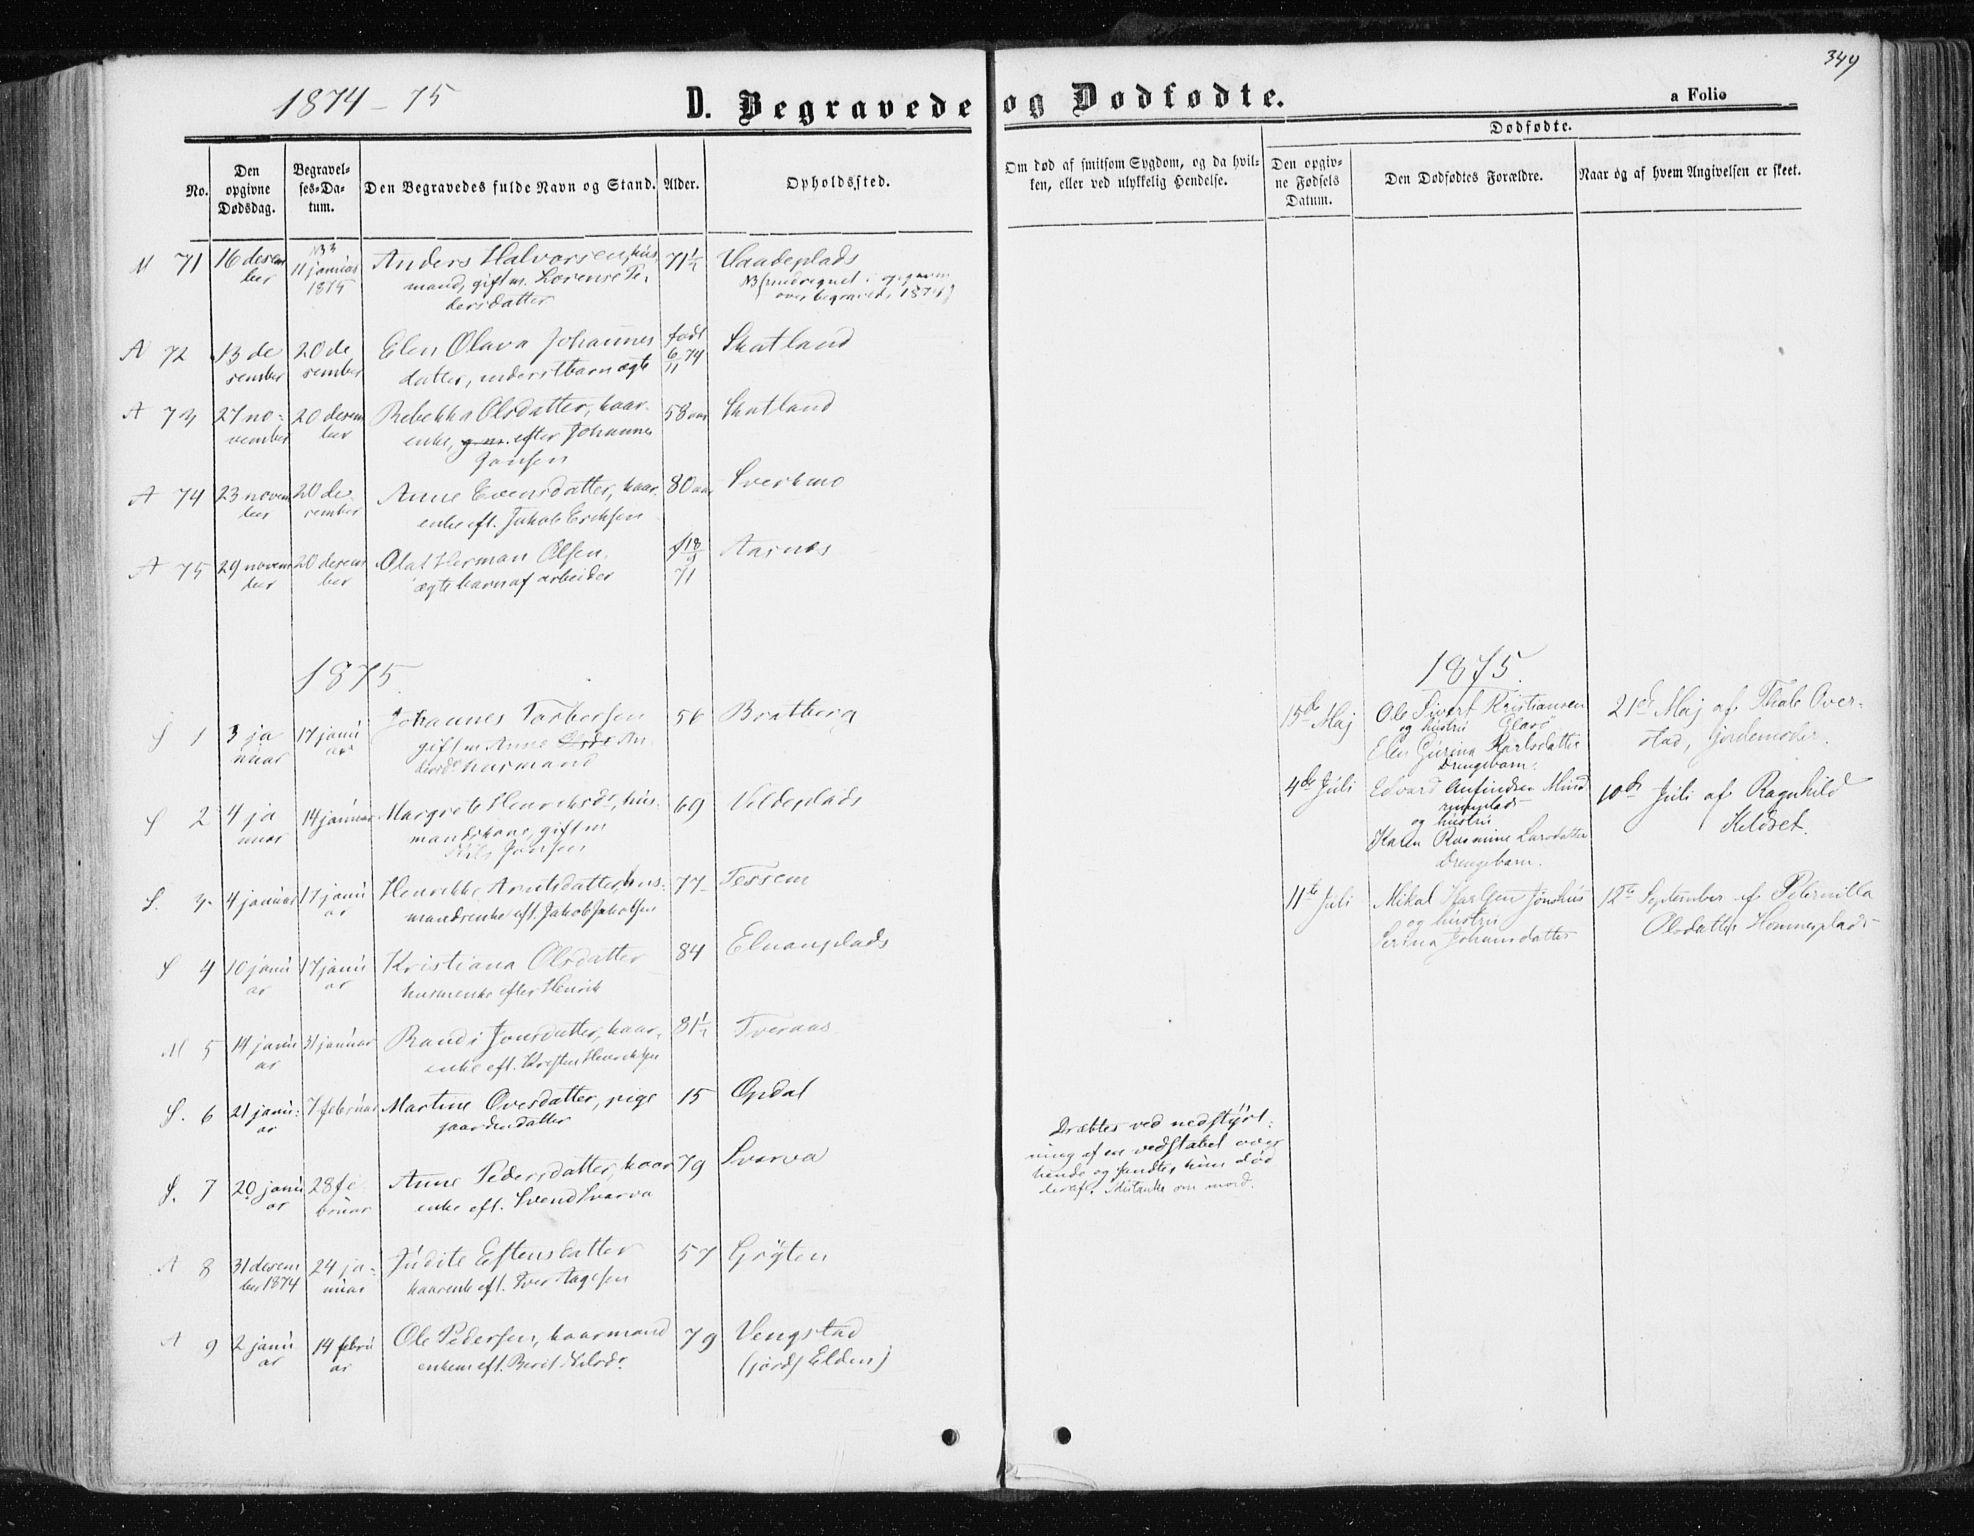 SAT, Ministerialprotokoller, klokkerbøker og fødselsregistre - Nord-Trøndelag, 741/L0394: Ministerialbok nr. 741A08, 1864-1877, s. 349